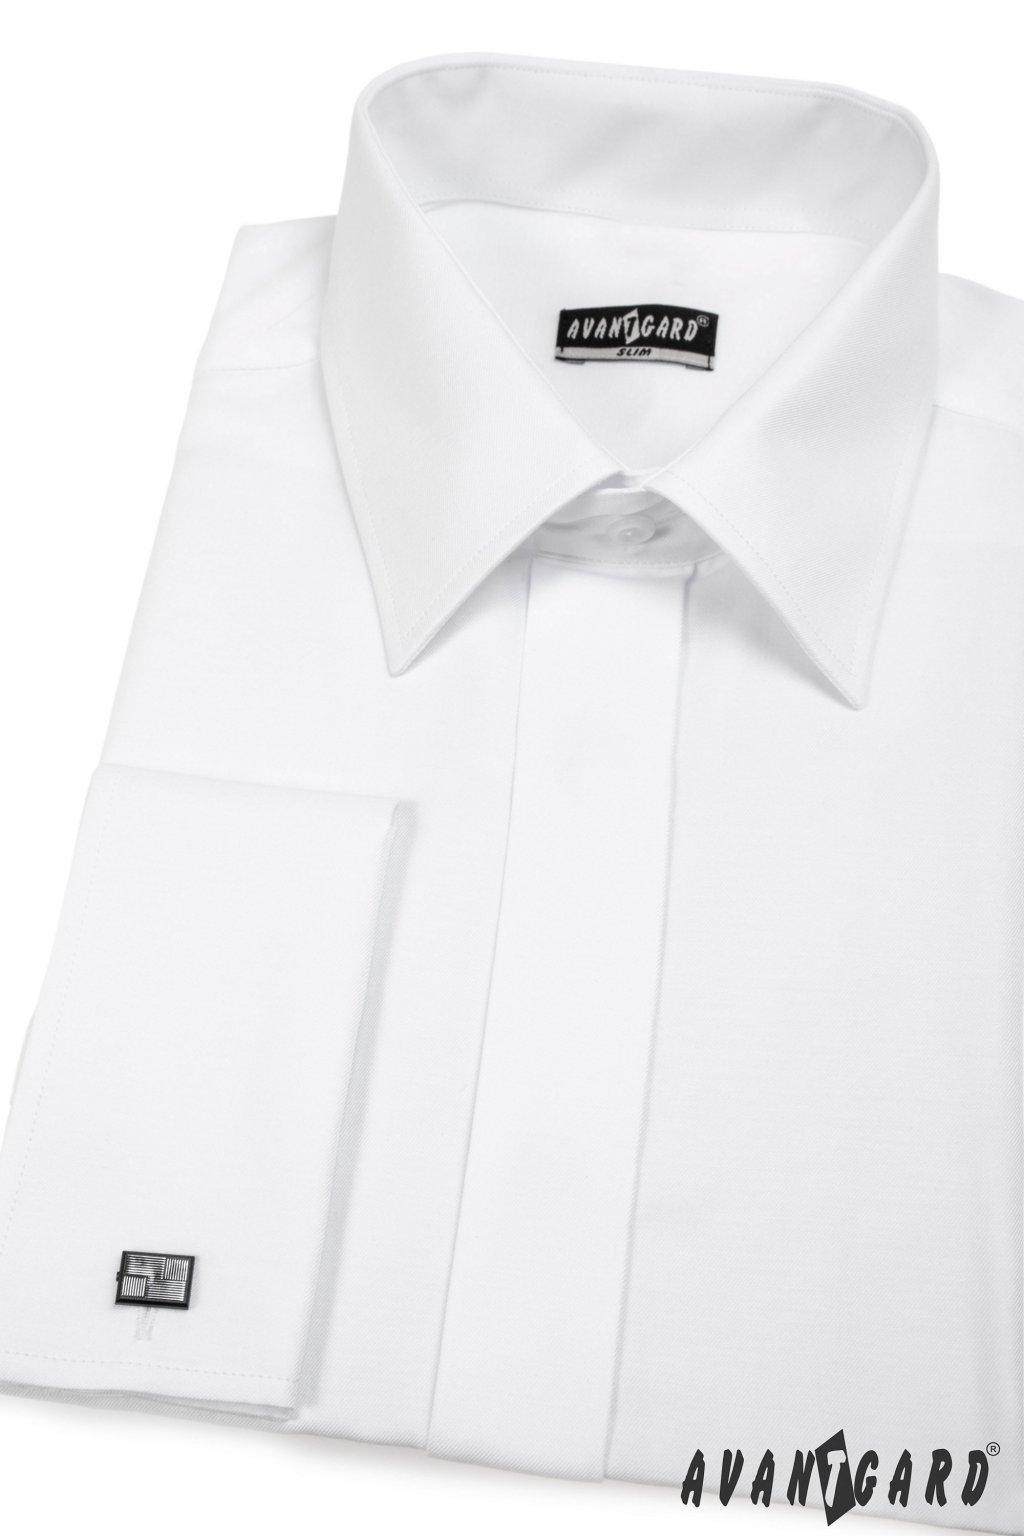 Pánská košile SLIM s krytou légou a dvojitými manžetami na manžetové knoflíčky bílá 160 - 1